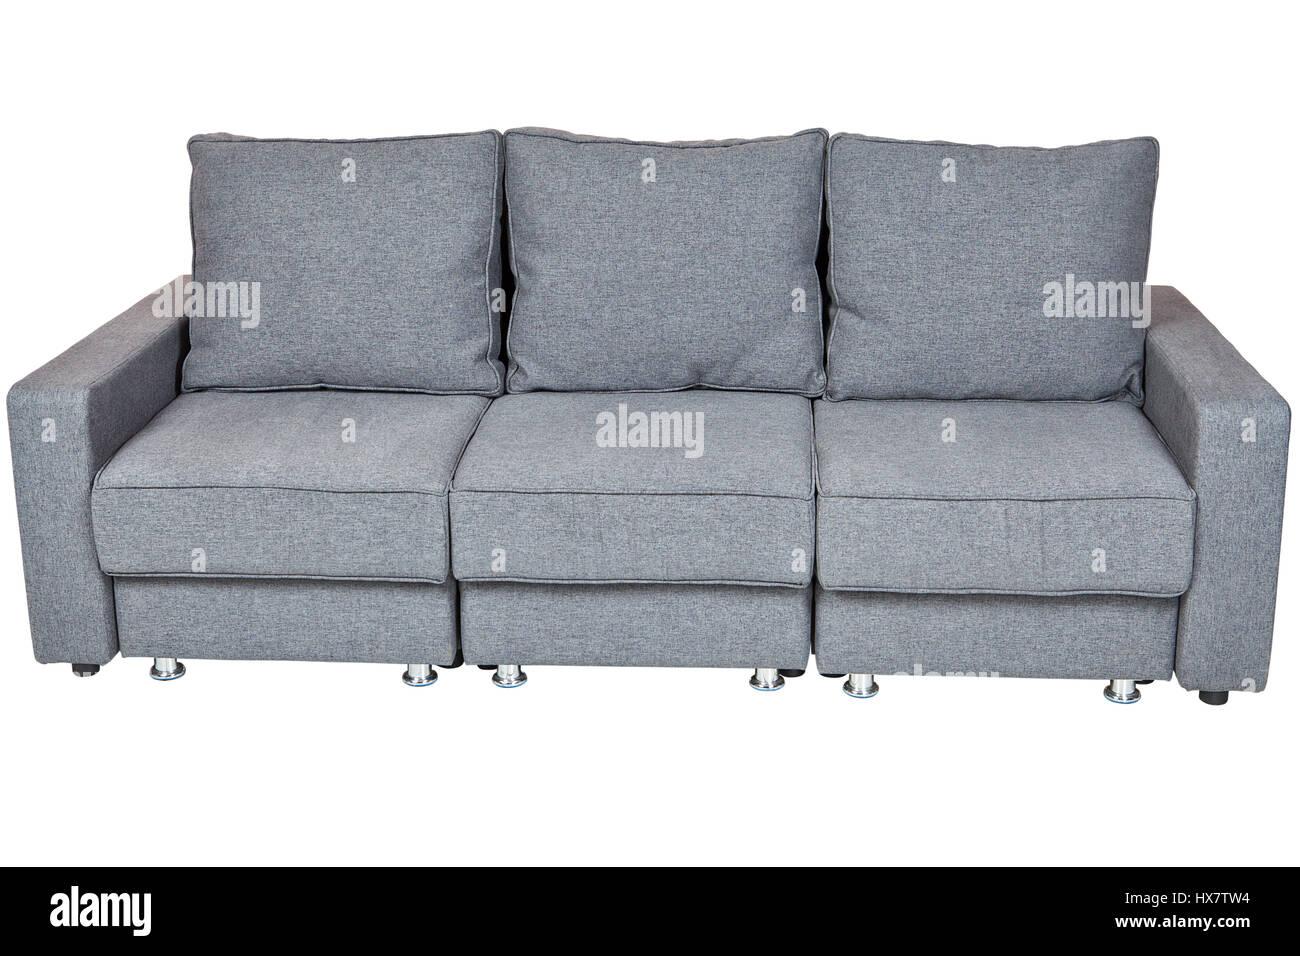 Wohnzimmer Sofas Möbel, Cabrio Stoff Schlafsofa Futon Dunkelgrau, Isoliert  Auf Weißem Hintergrund Gehören Clipping Pfad.